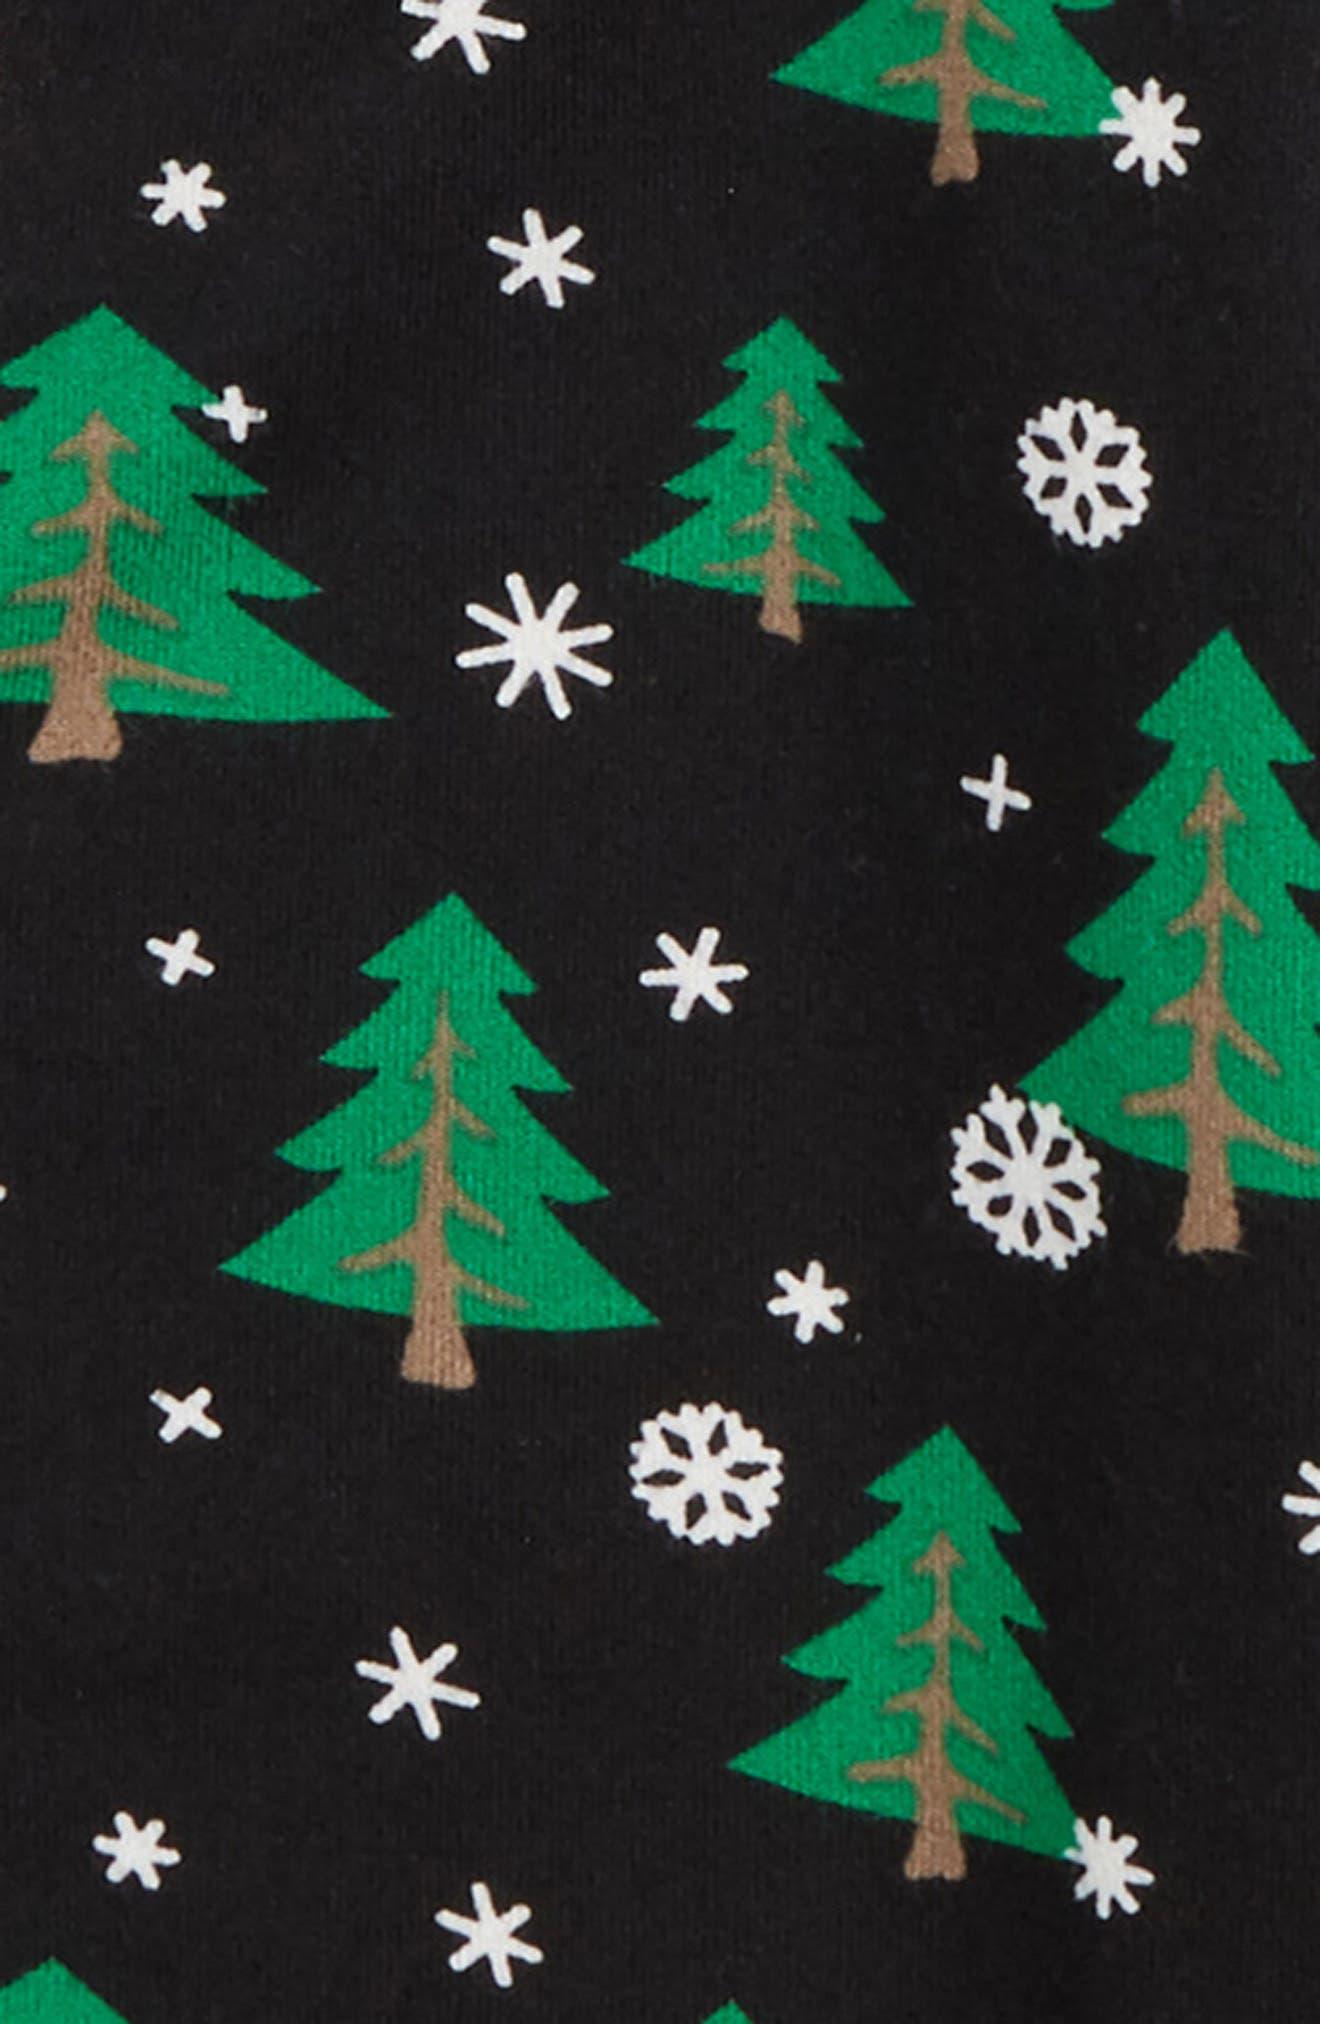 Christmas Tree Two-Piece Pajamas,                             Alternate thumbnail 2, color,                             BLACK